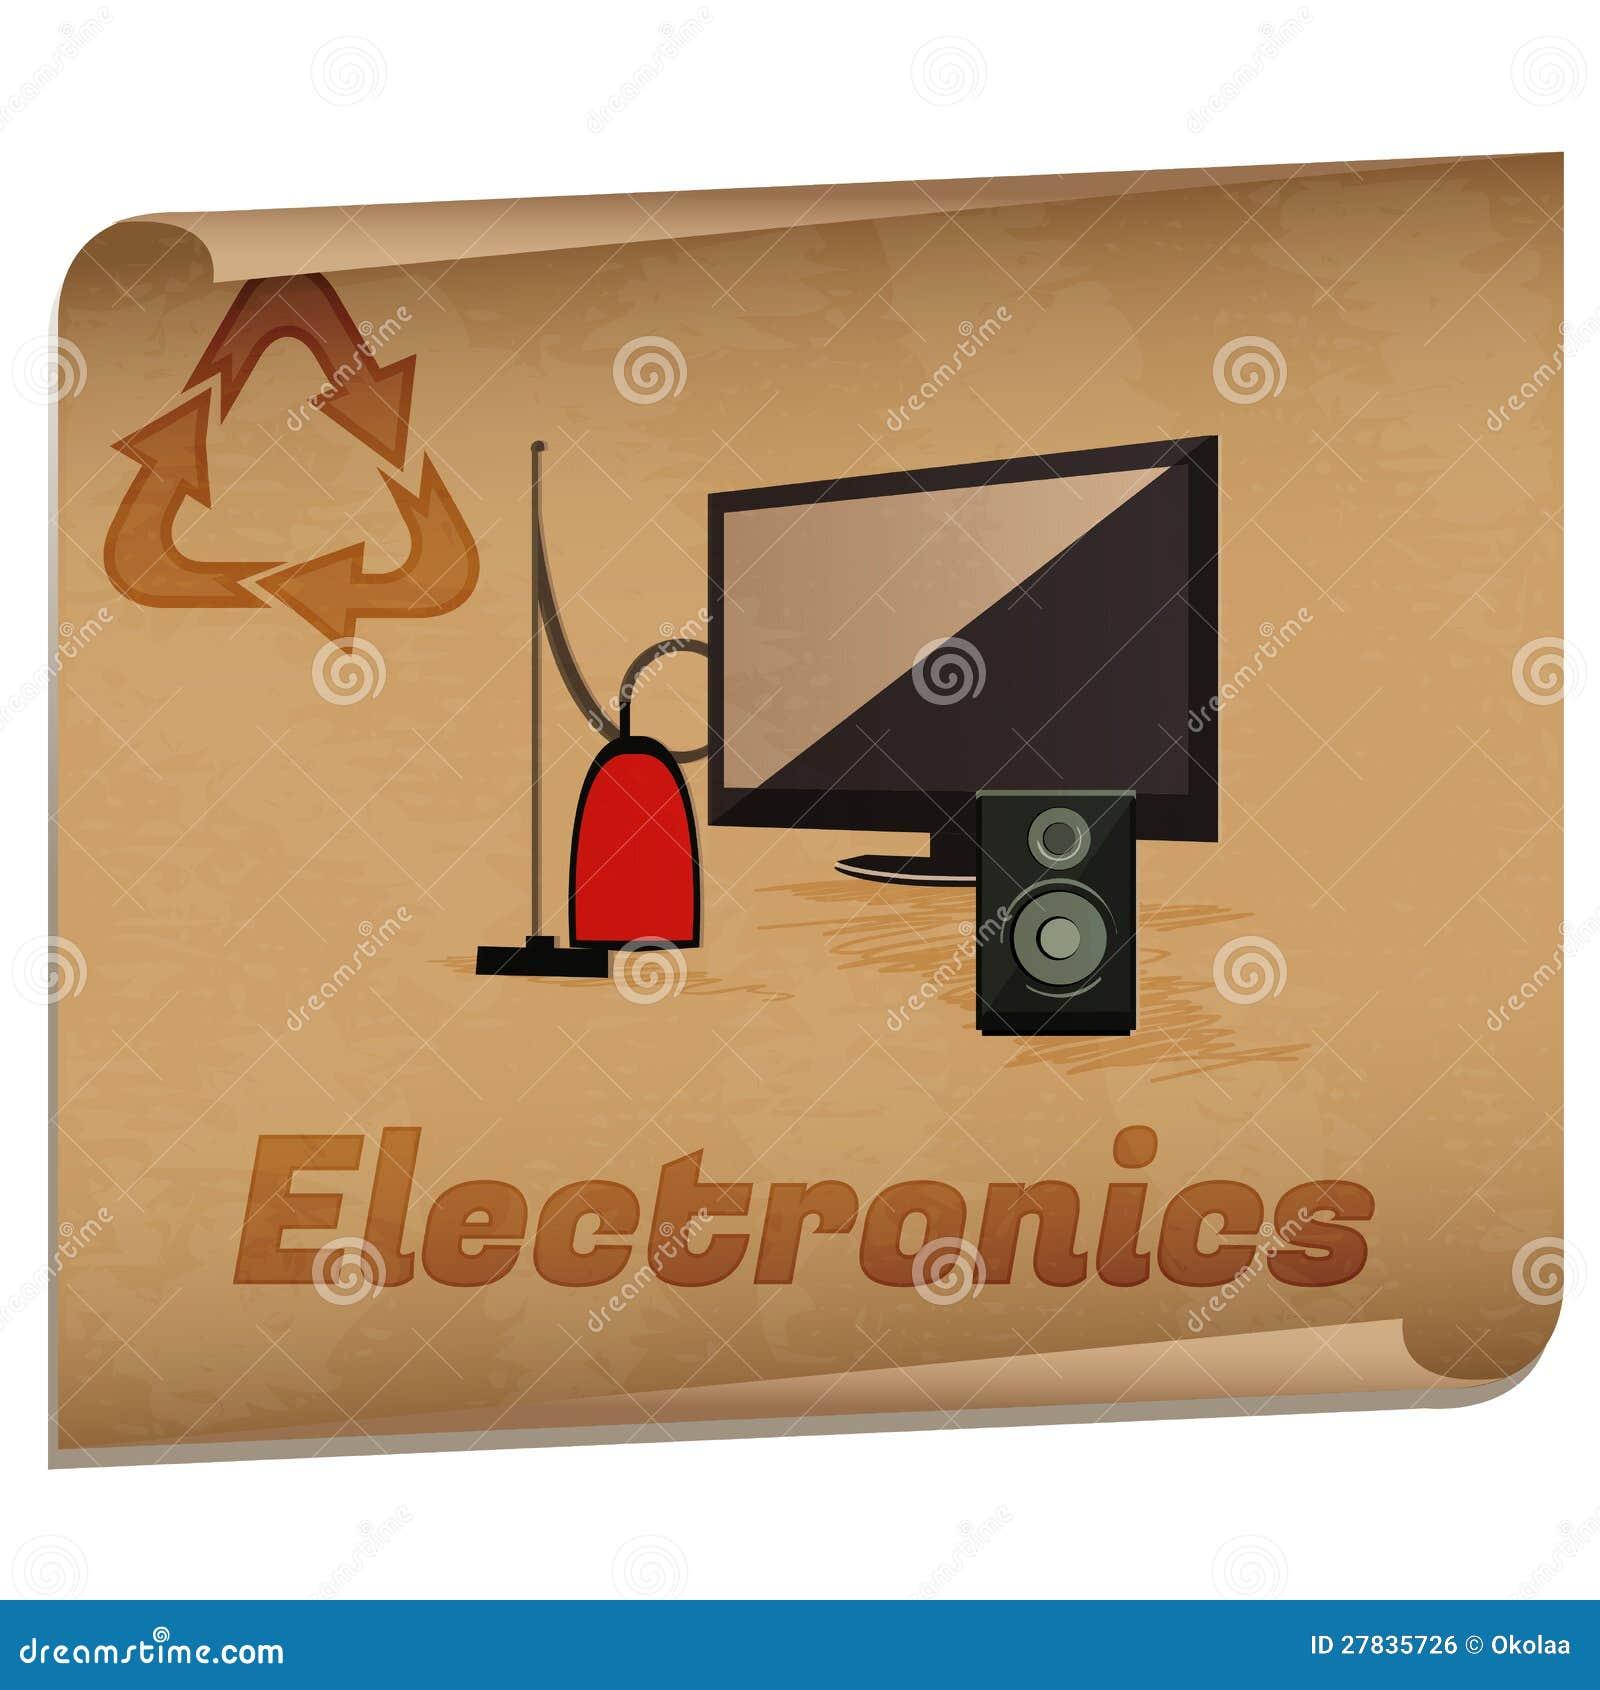 recycling electronics memo